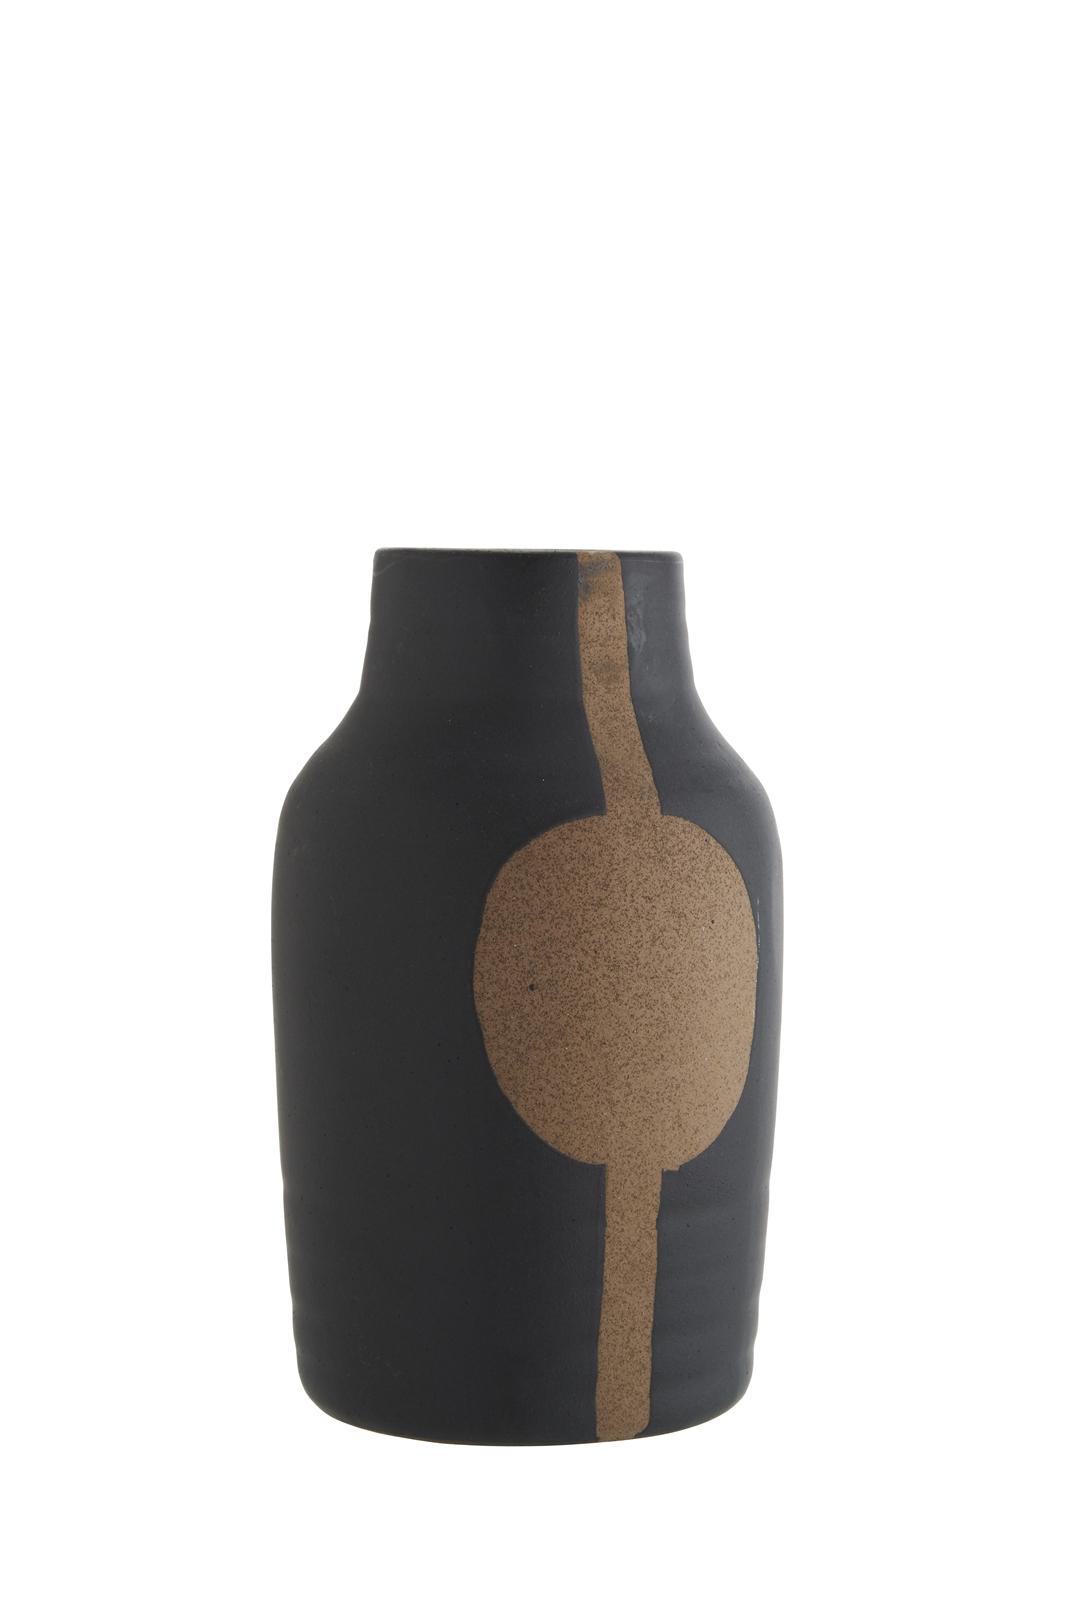 Madam-Stoltz-Blumenvase-Vase-schwarz-Ethno